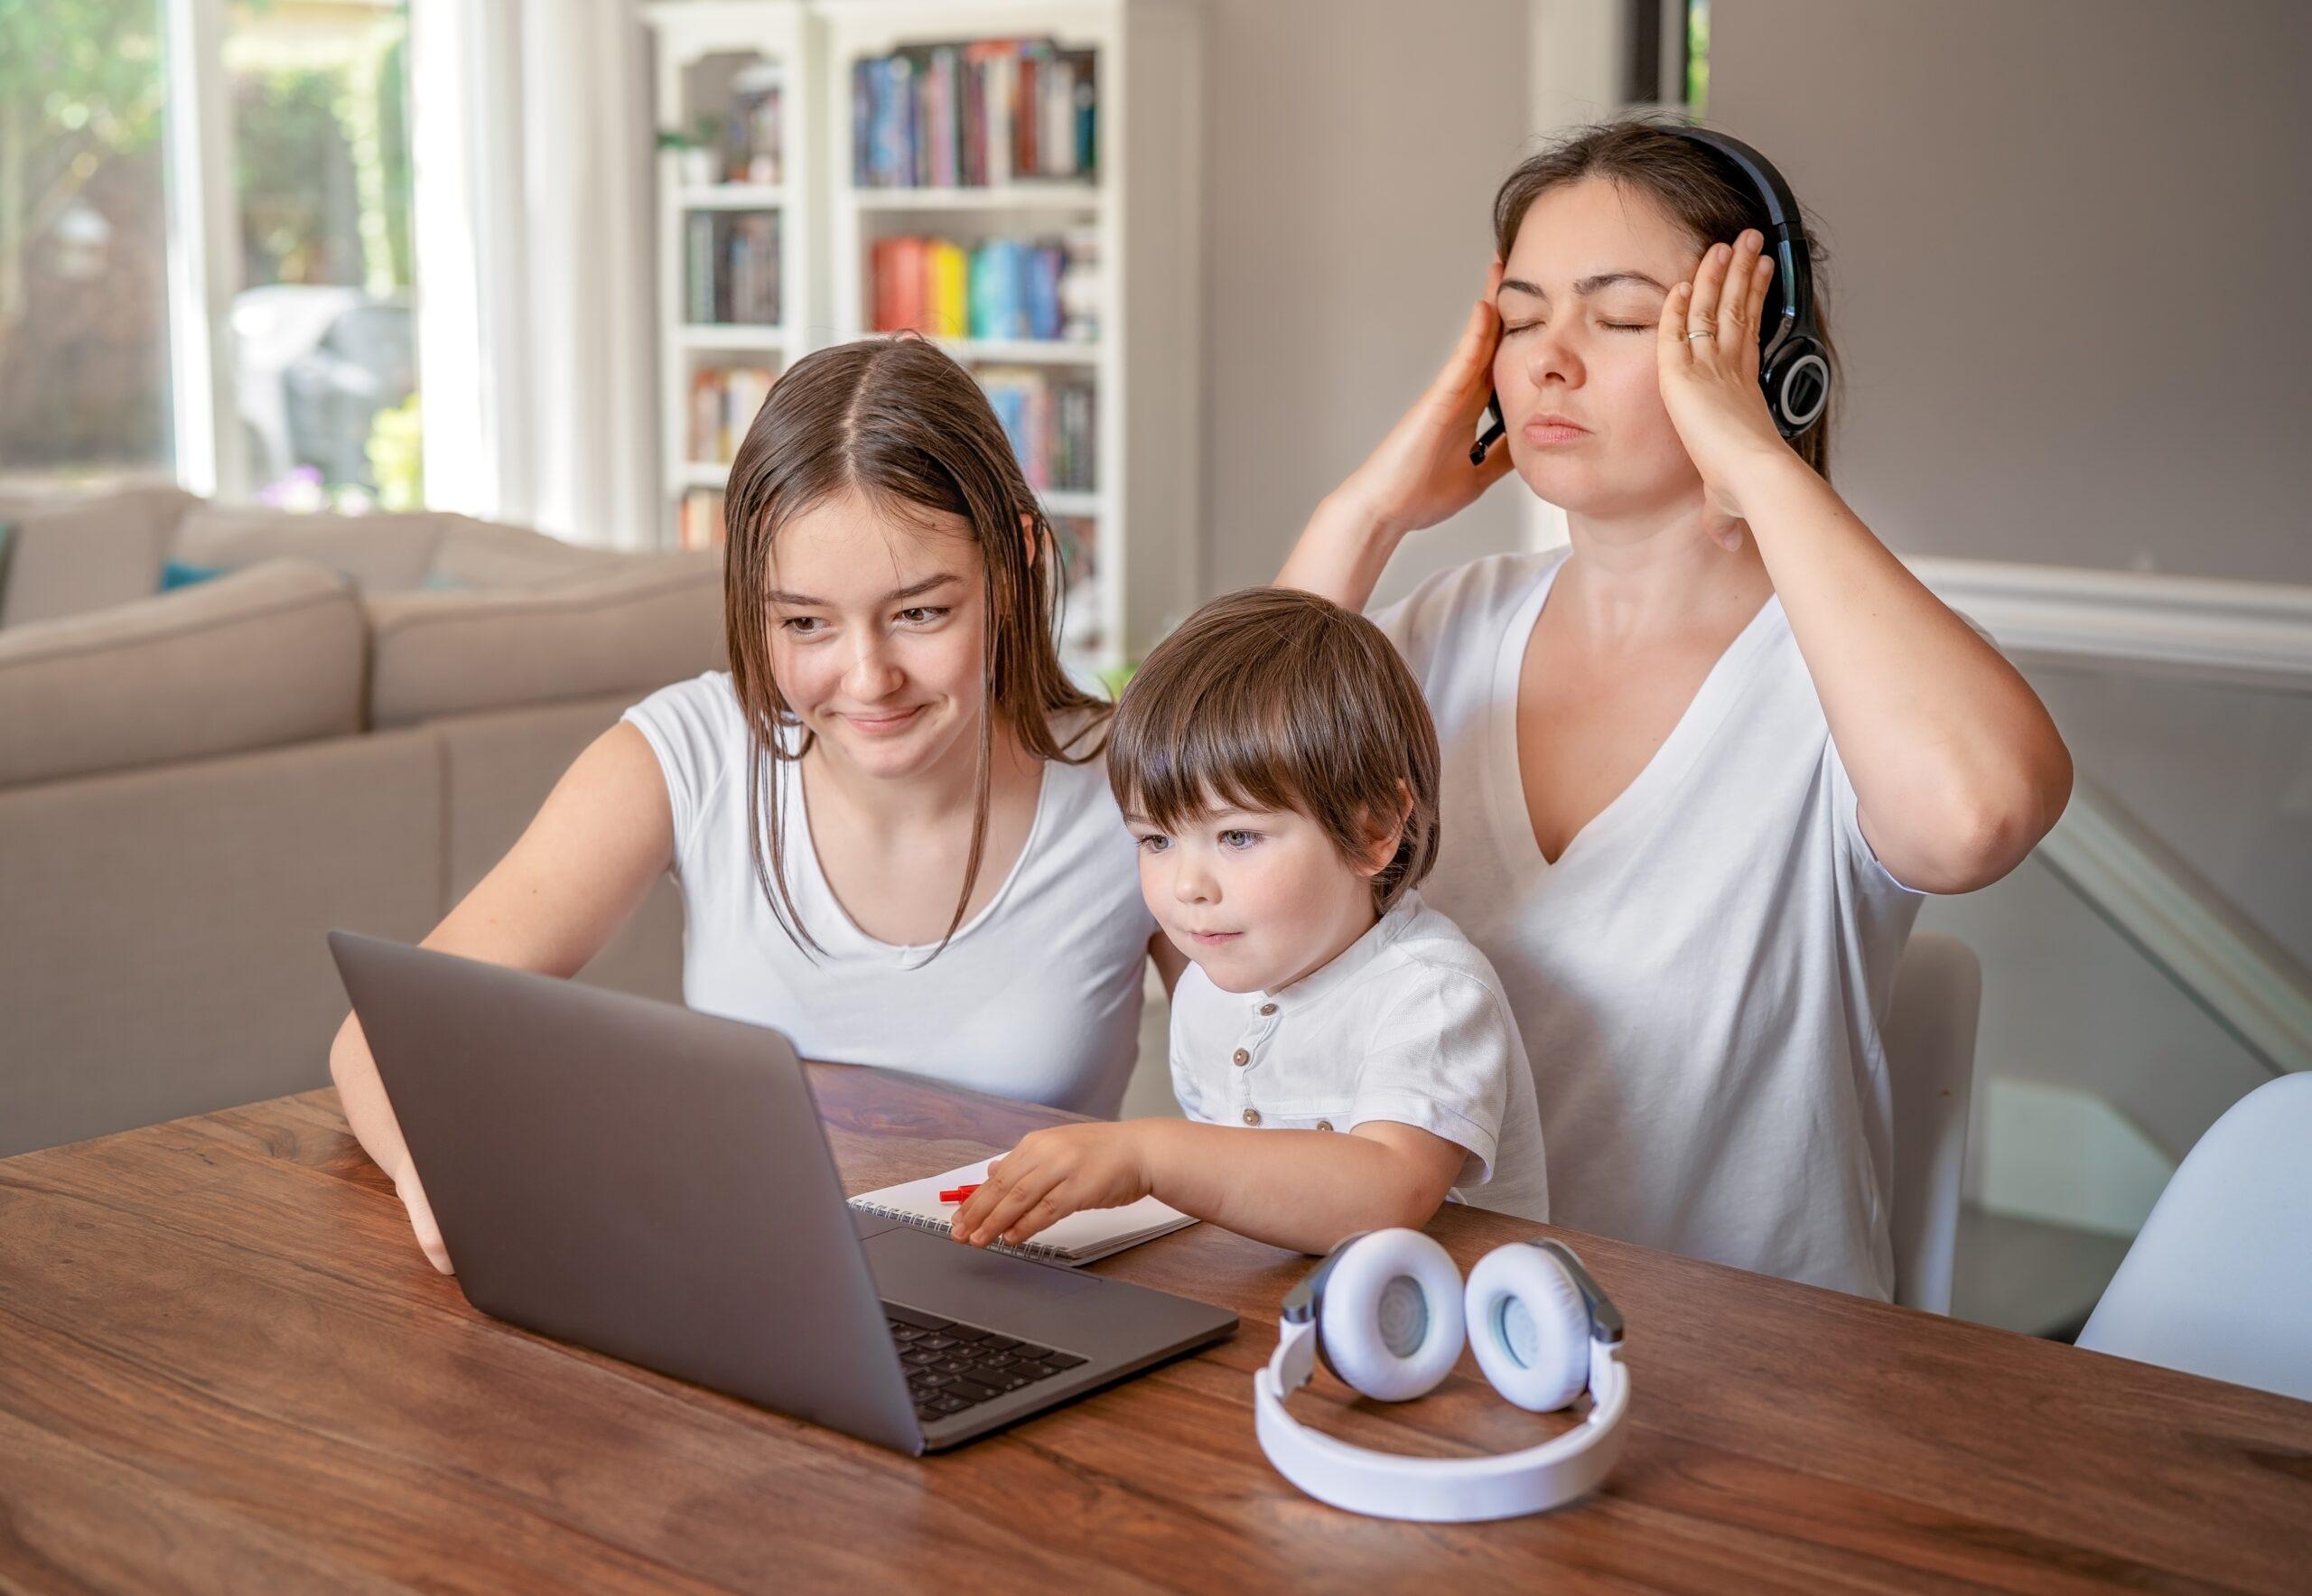 Niños en casa, padres ocupados: cómo evitar accidentes